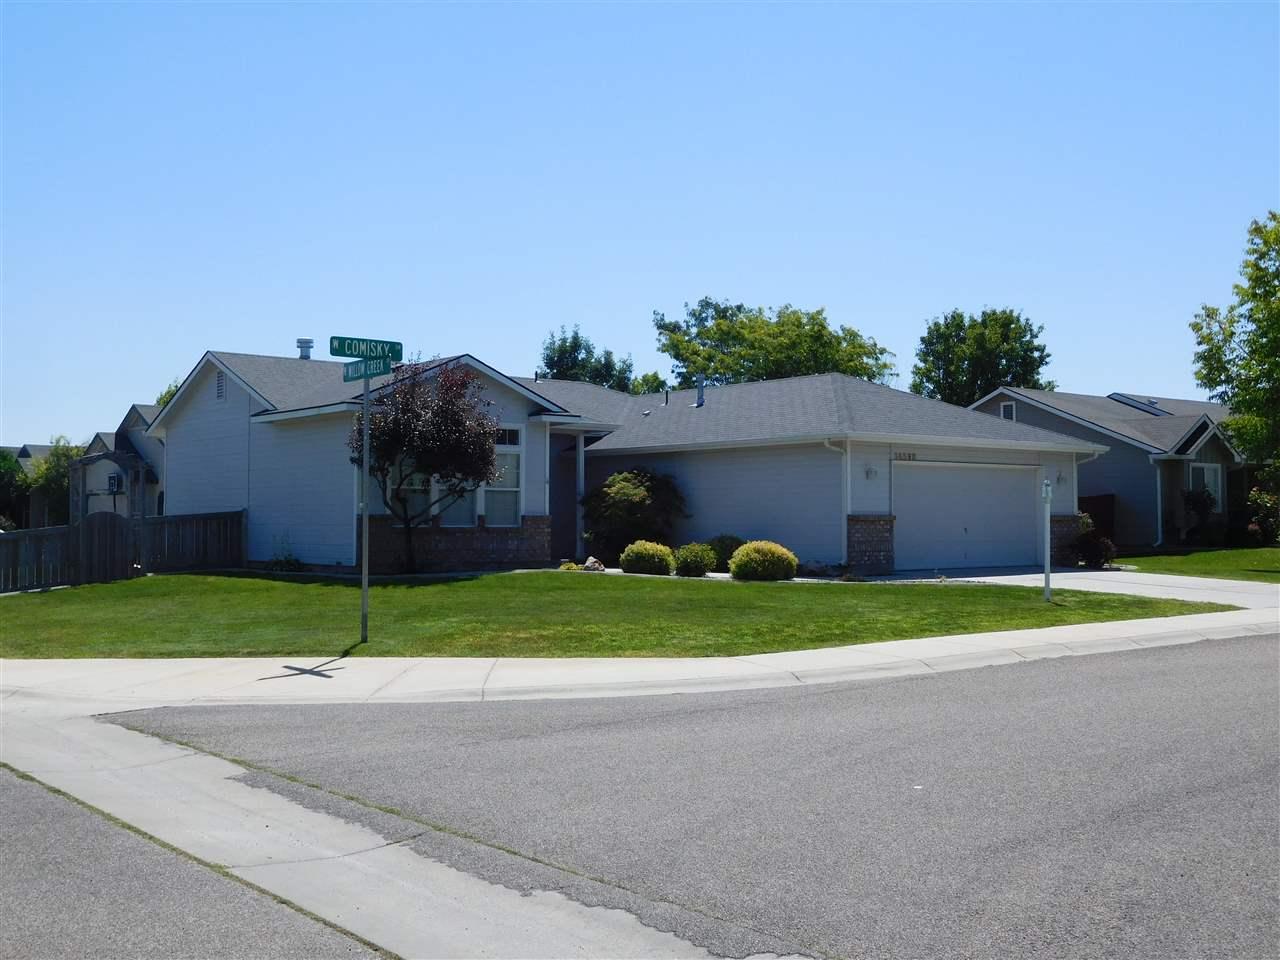 14598 W Comisky Drive, Boise, ID 83713